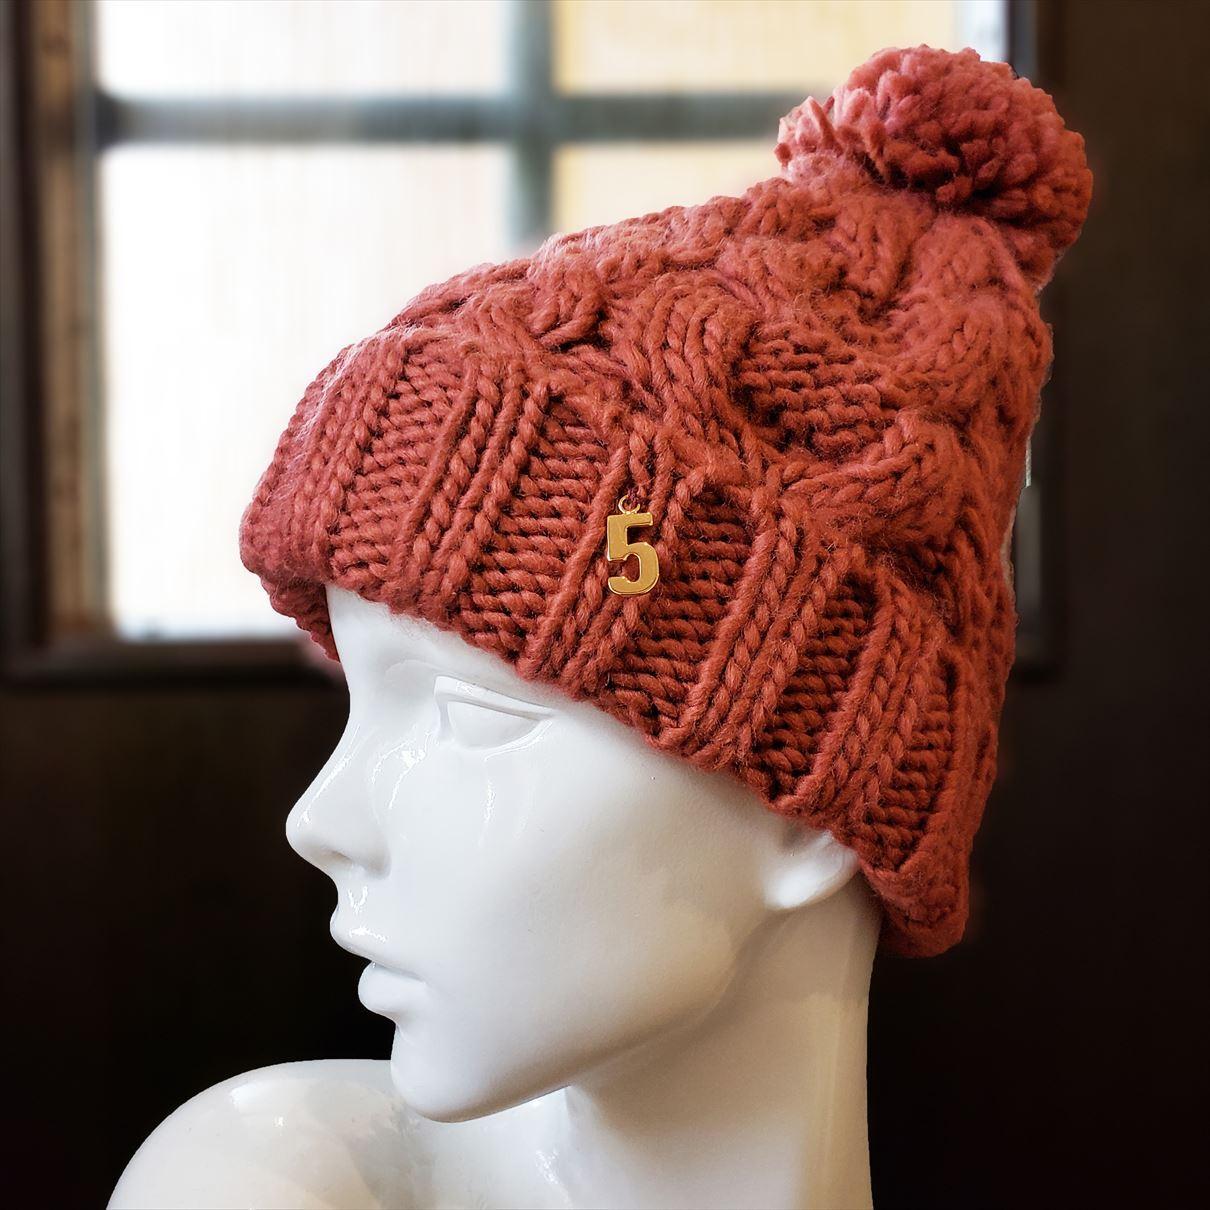 ナンバーニット帽(テラコッタ)